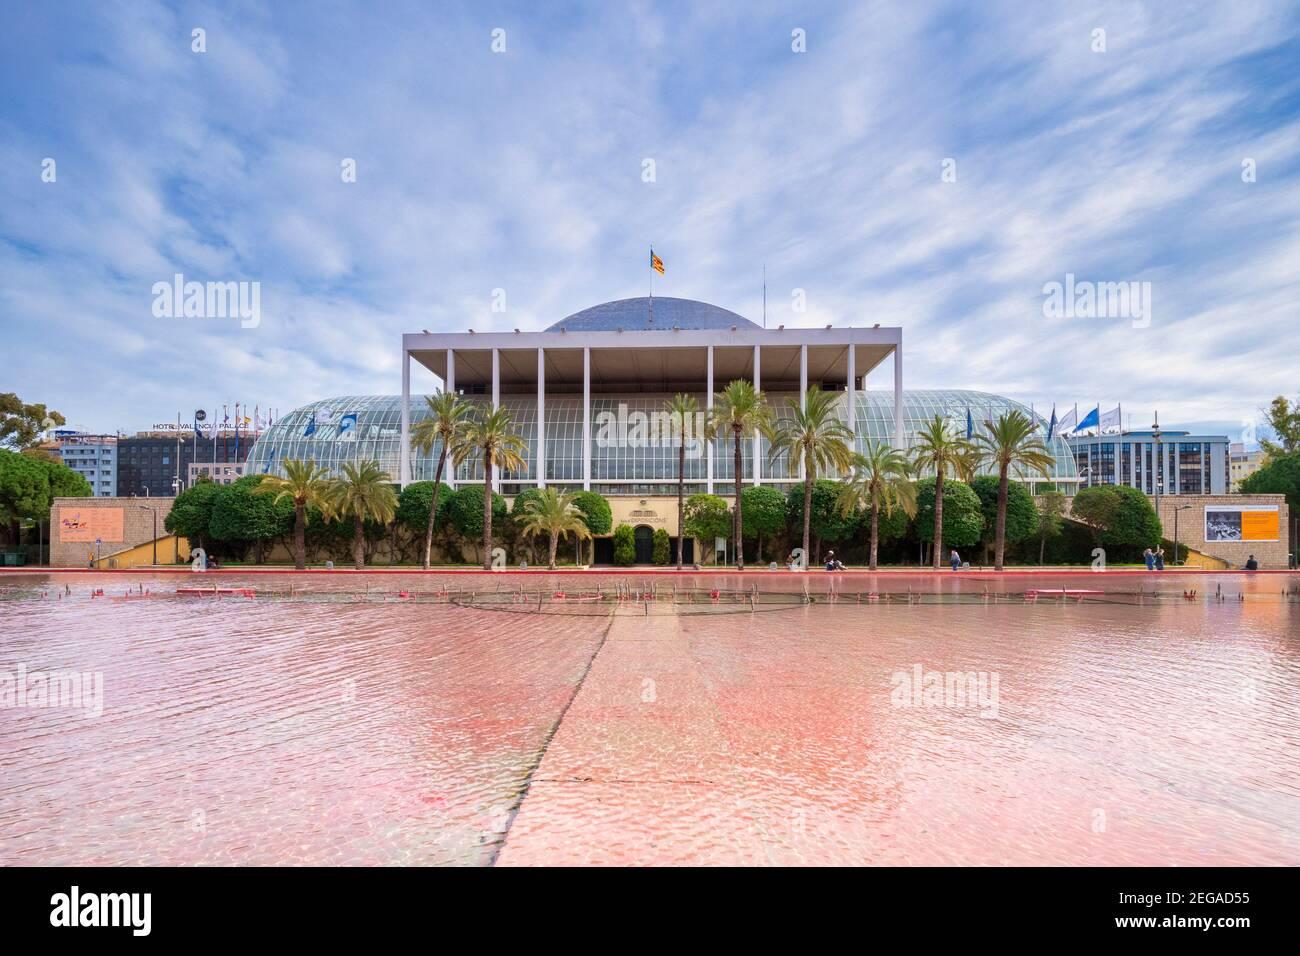 3 de marzo de 2020: Valencia, España - el Palau de la Musica, una sala de conciertos y centro de exposiciones en el Jardin del Turia, Valencia. Foto de stock